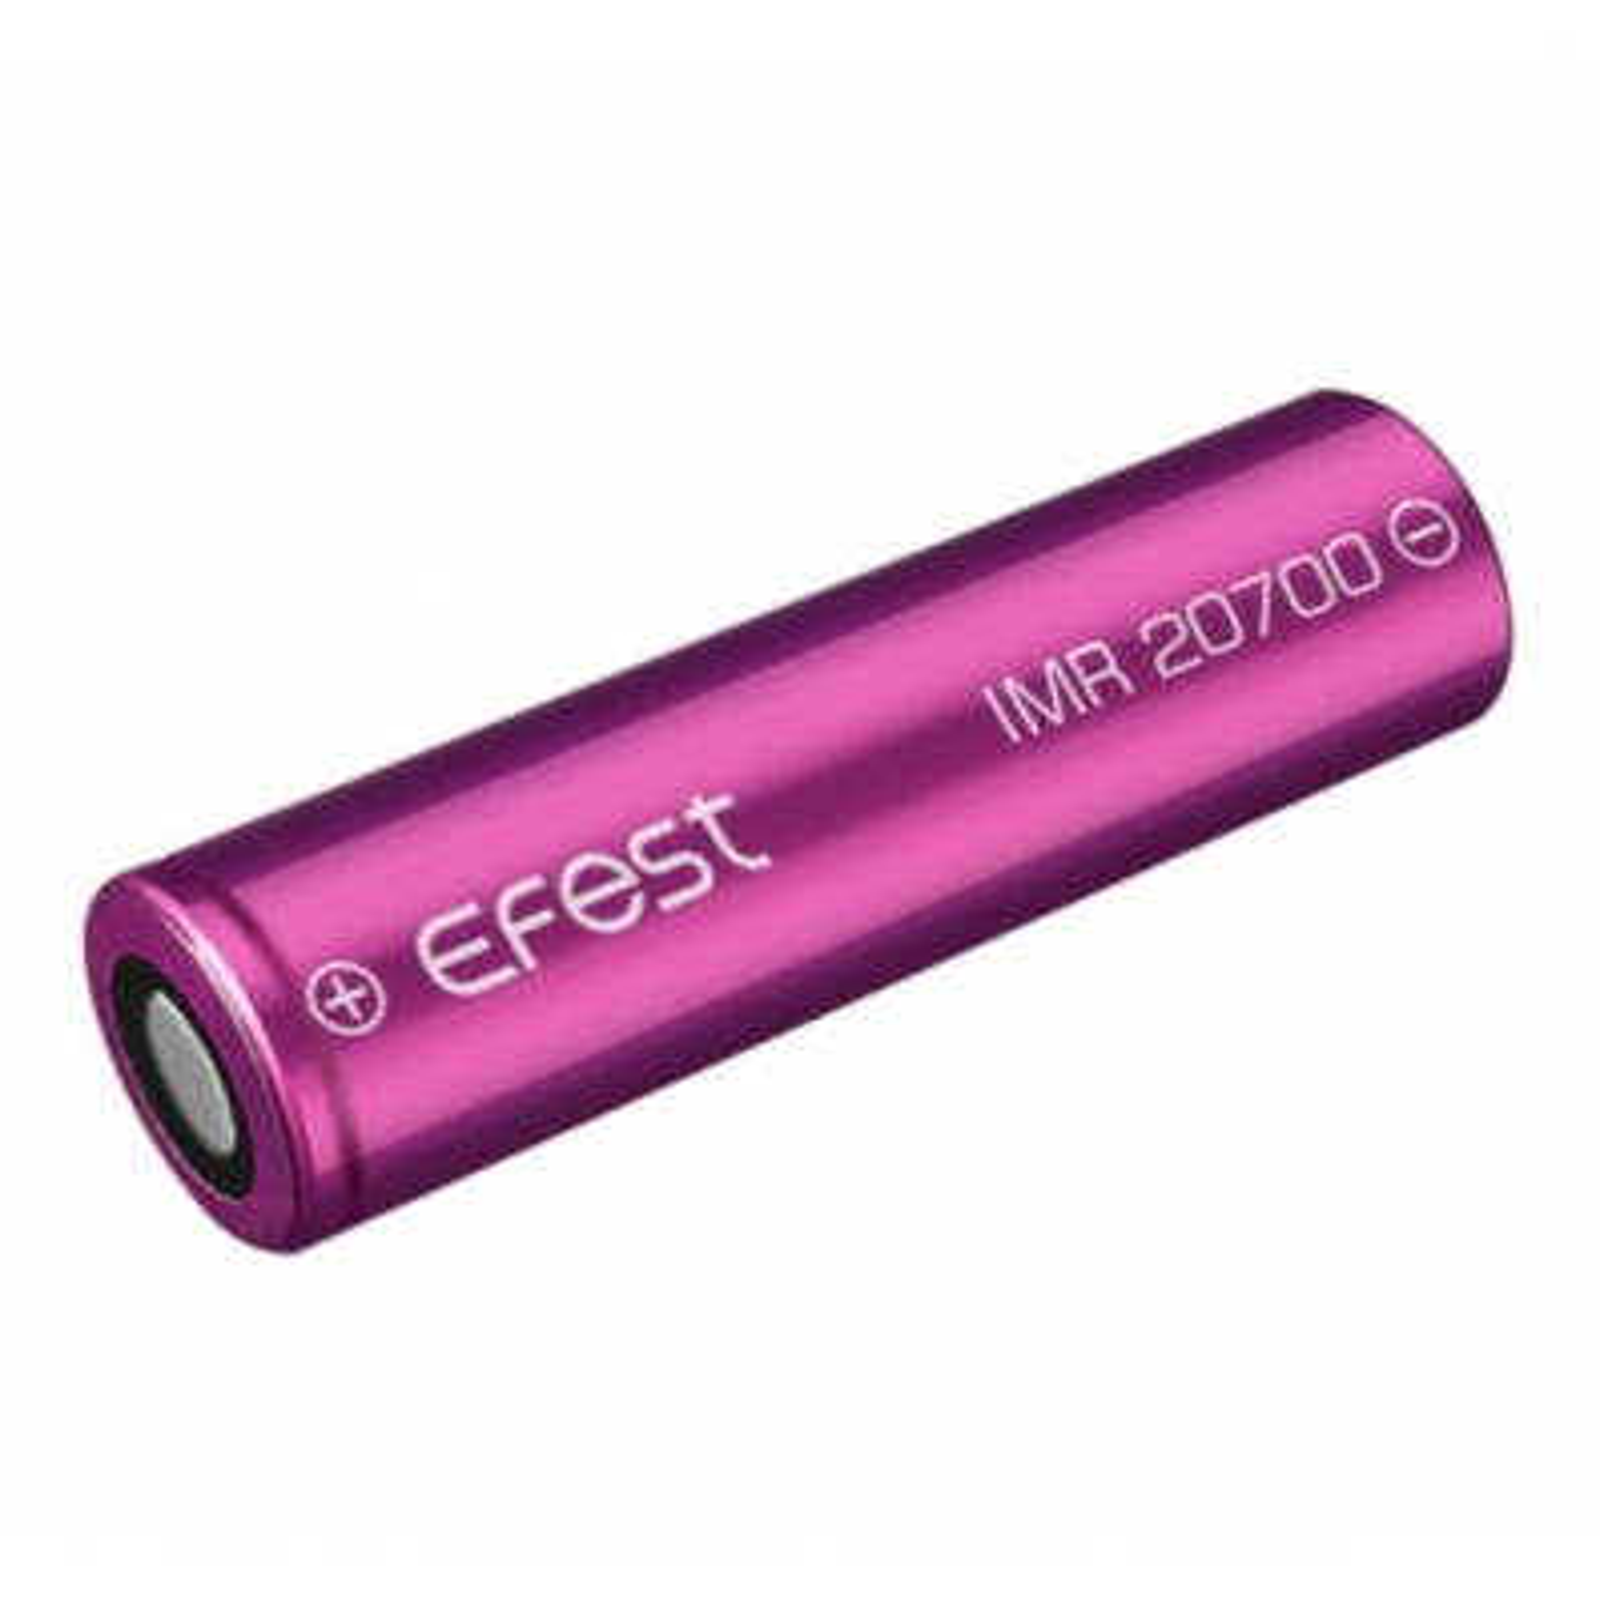 Accu Efest IMR 20700 3100 mAh 30A